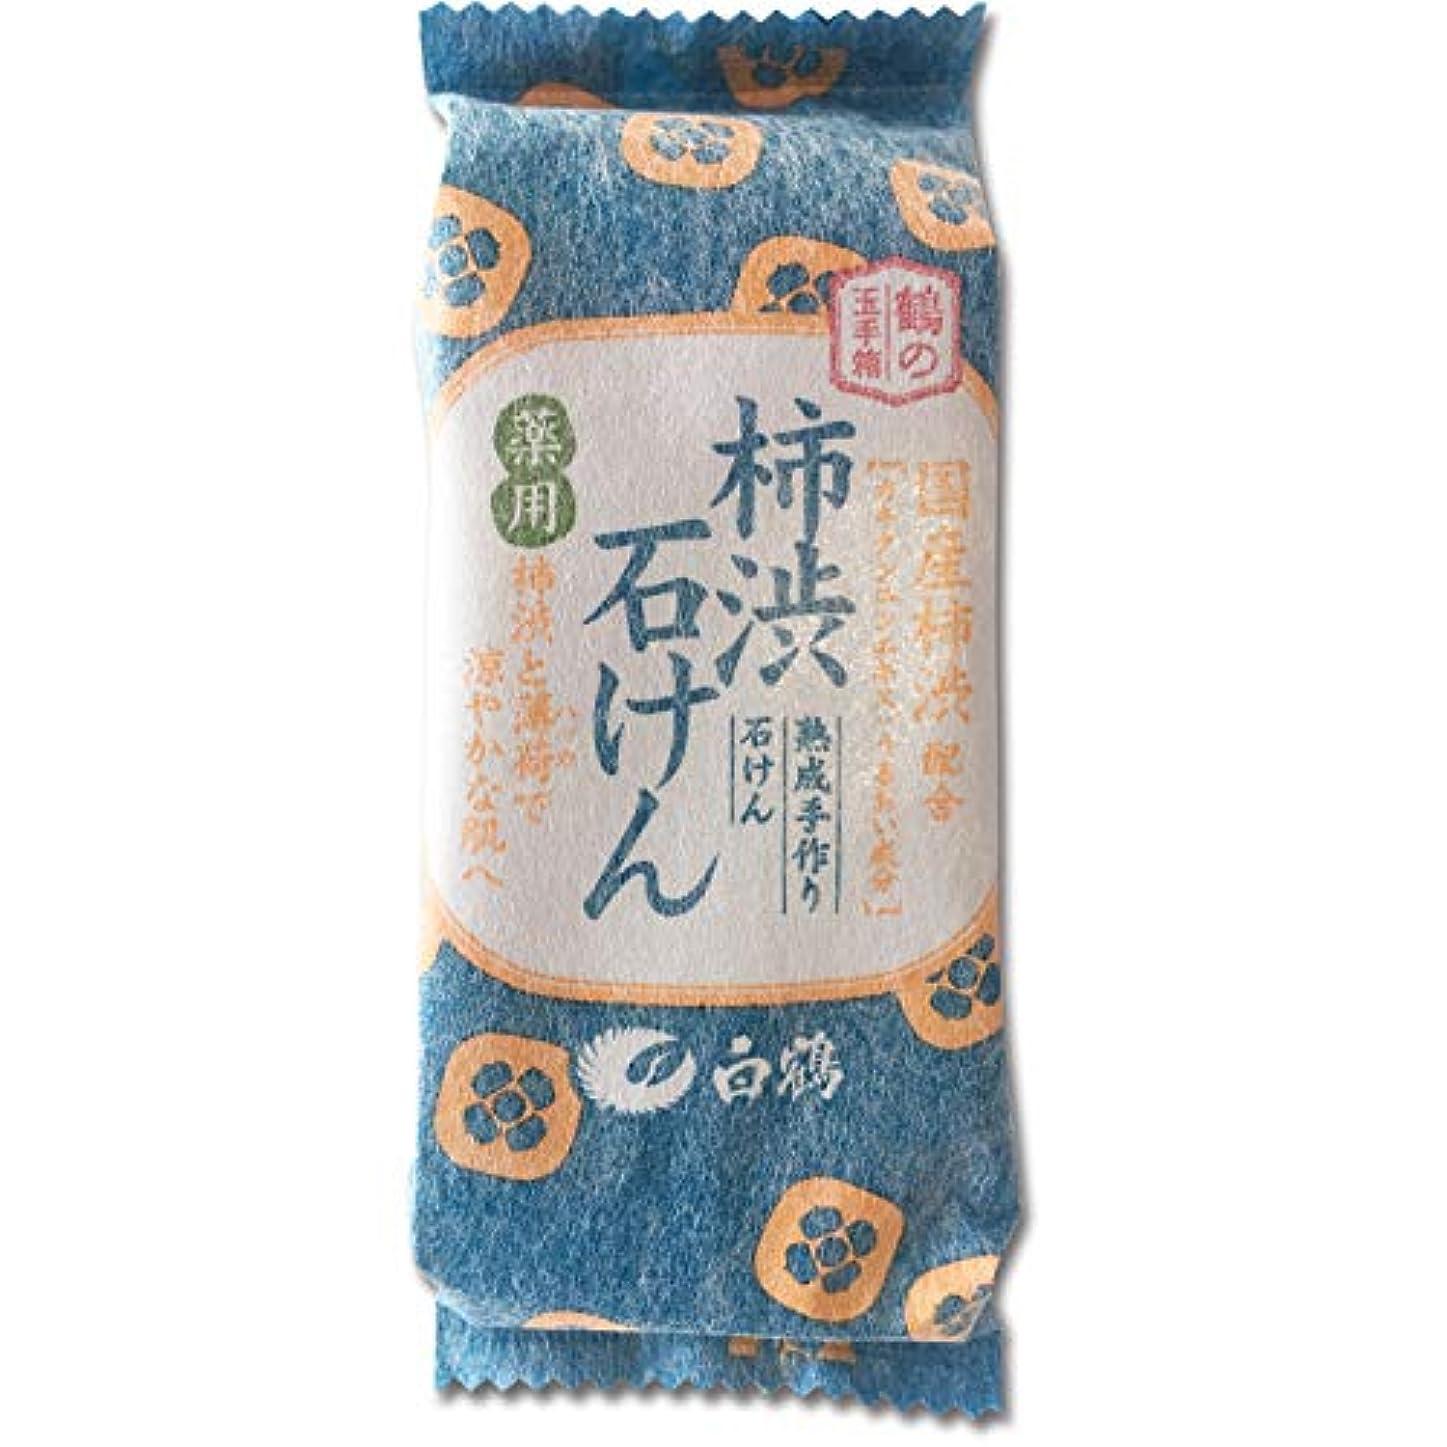 ディスク装置推測白鶴 鶴の玉手箱 薬用 柿渋石けん 110g (全身用石鹸)